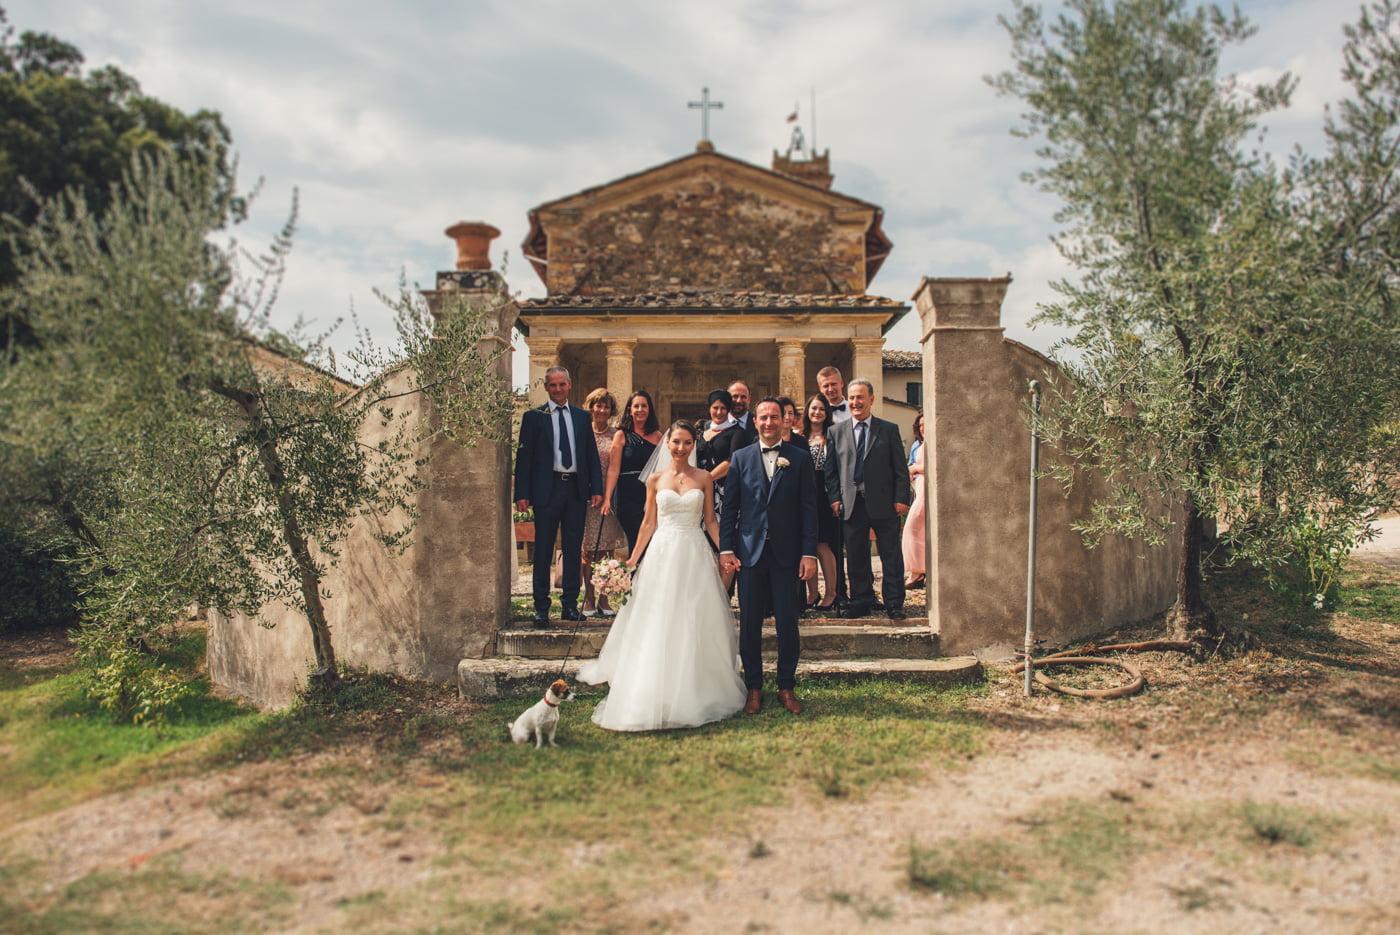 022-wedding-tuscany-rignana